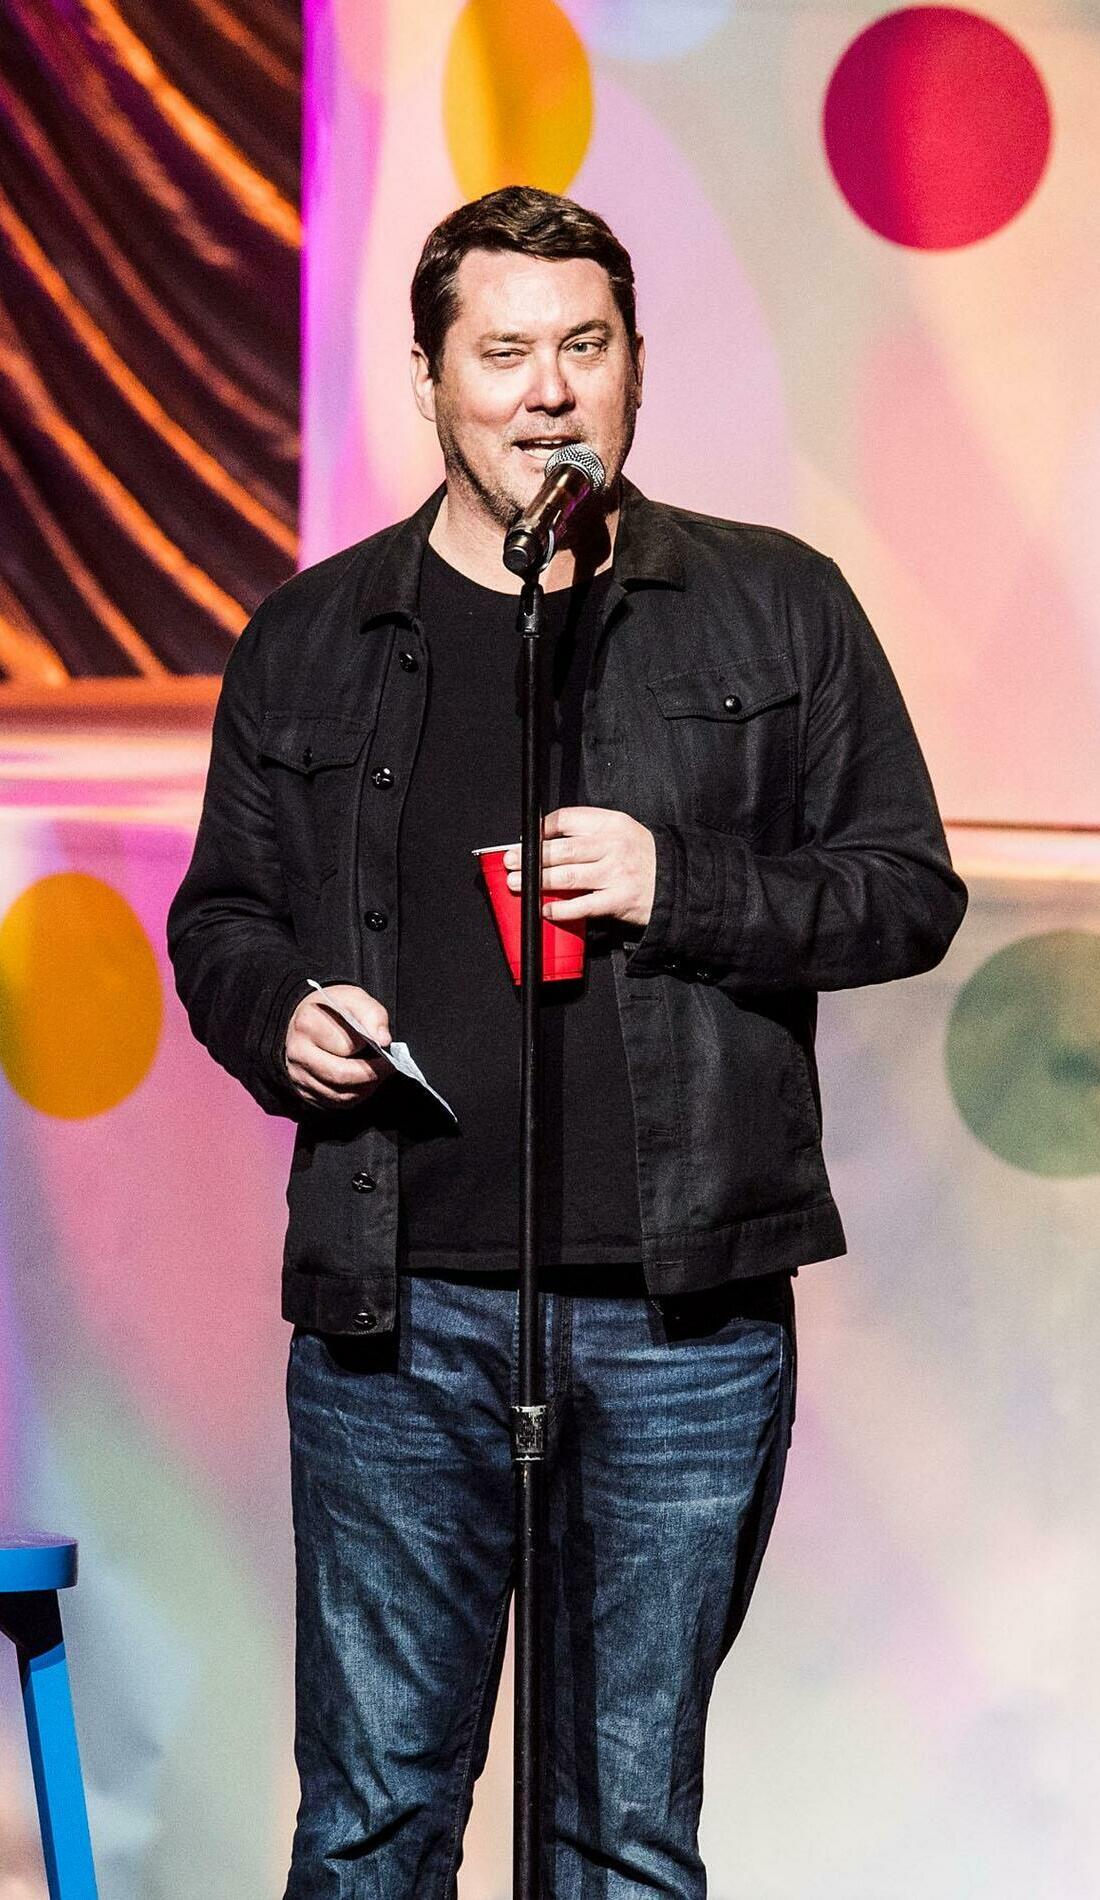 A Doug Benson live event